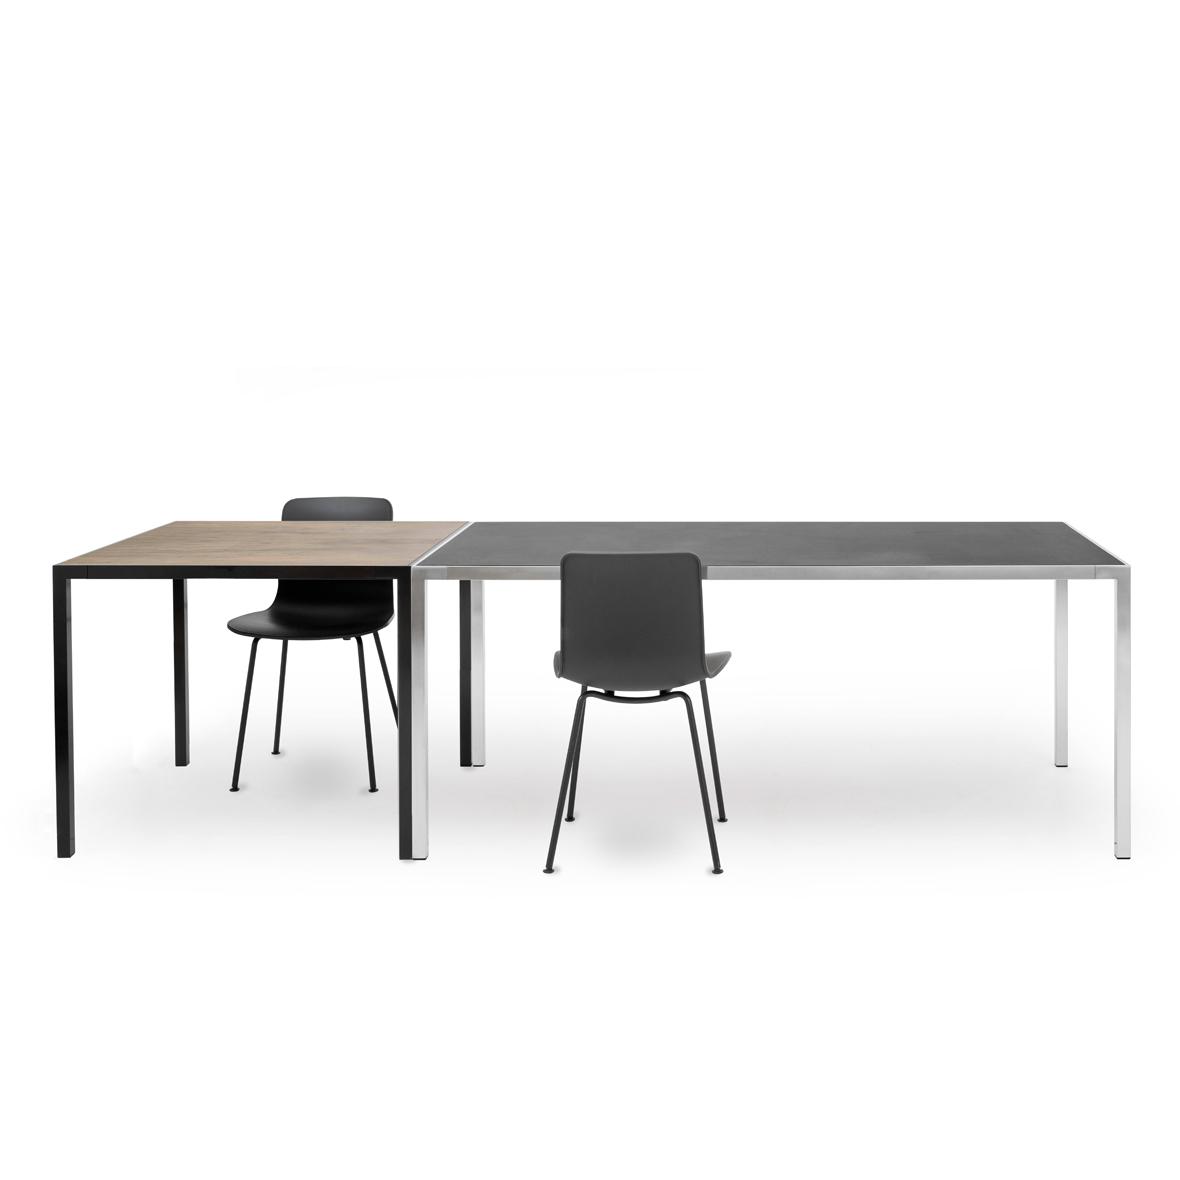 MF-Tische gross und klein